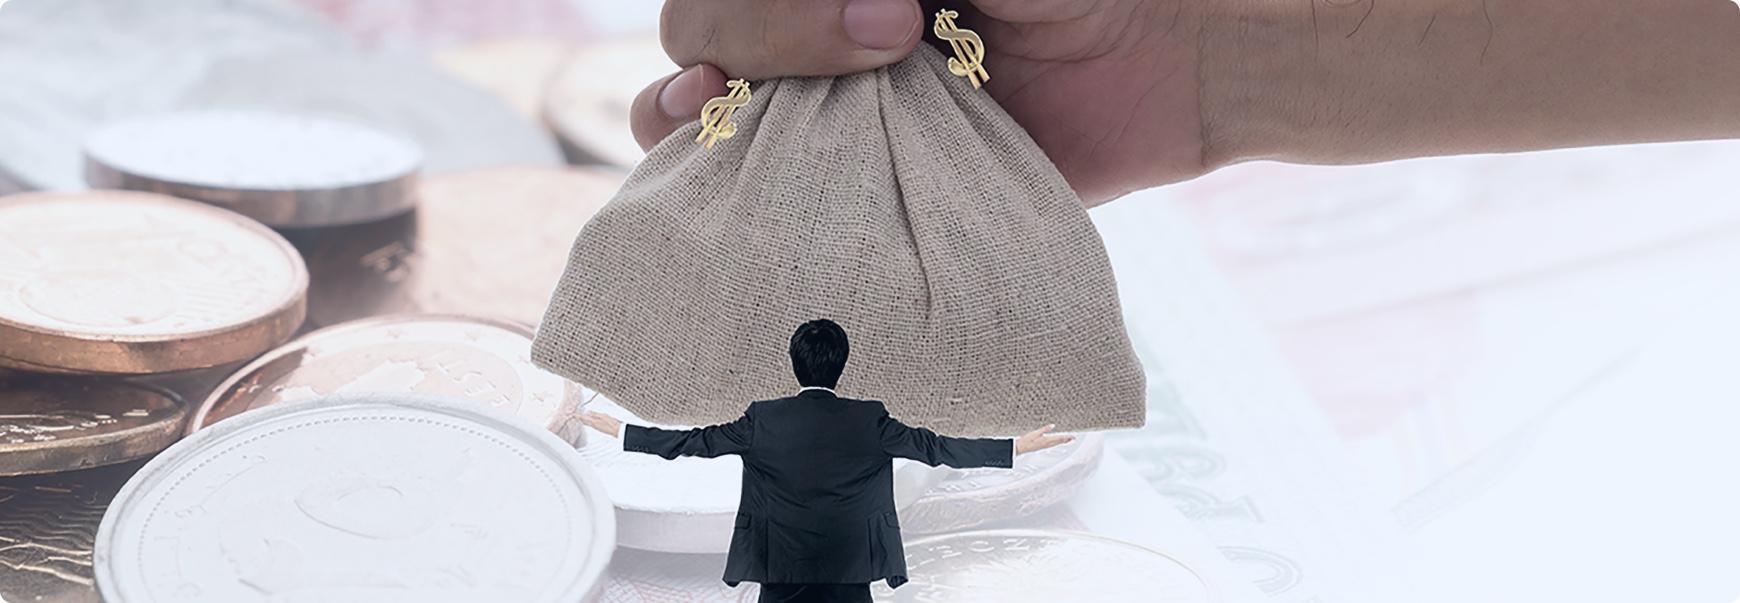 黑谷互联网+股权激励